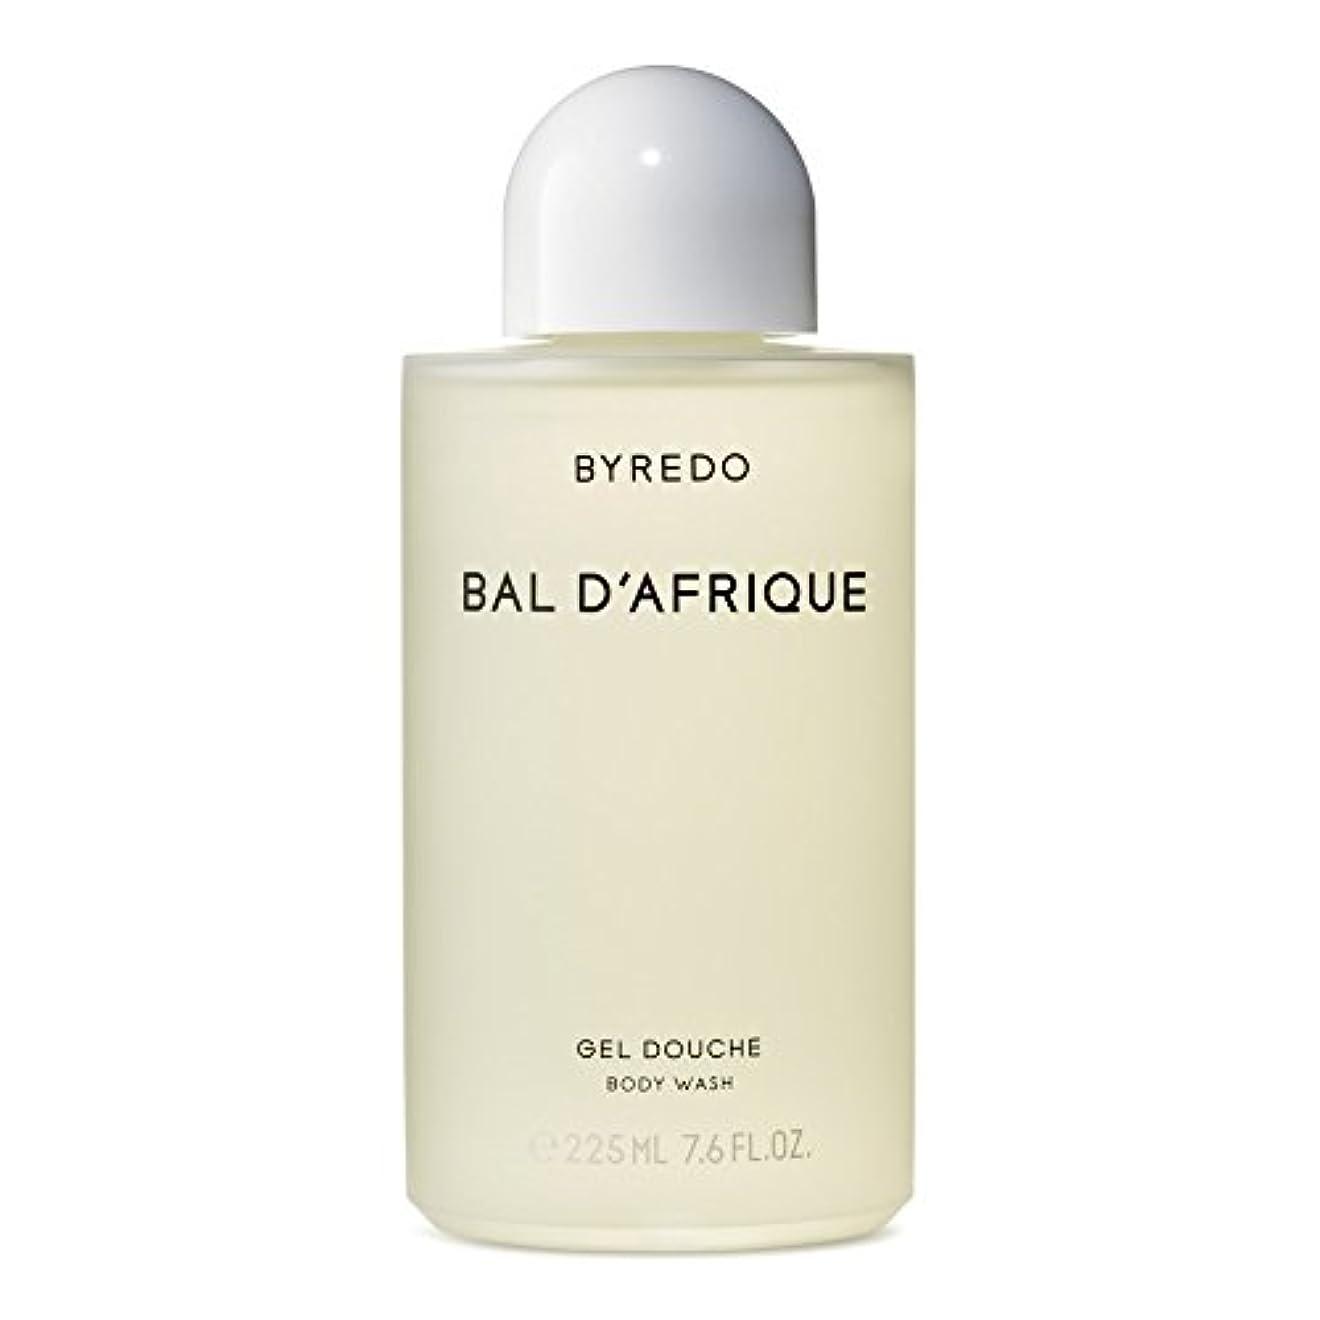 温かい港教Byredo Bal d'Afrique Body Wash 225ml - 'のボディウォッシュ225ミリリットル [並行輸入品]